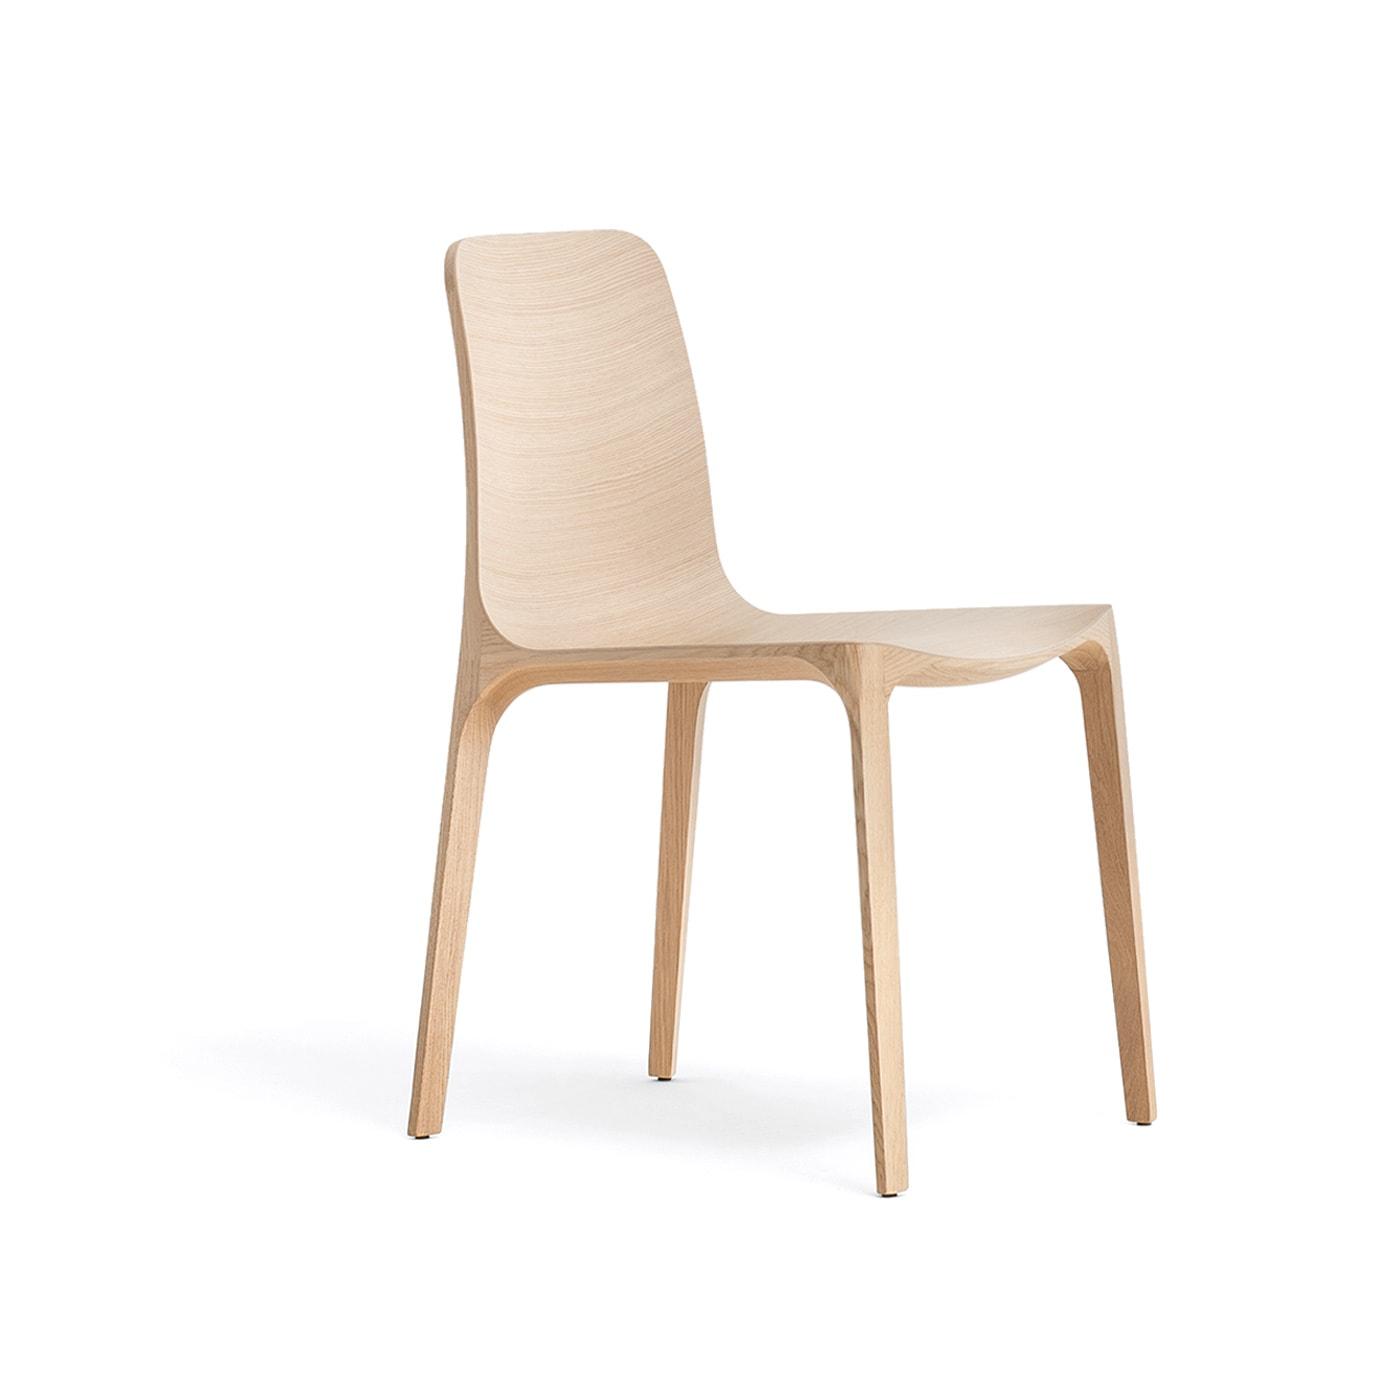 Pedrali Frida sedia in legno - vendita online